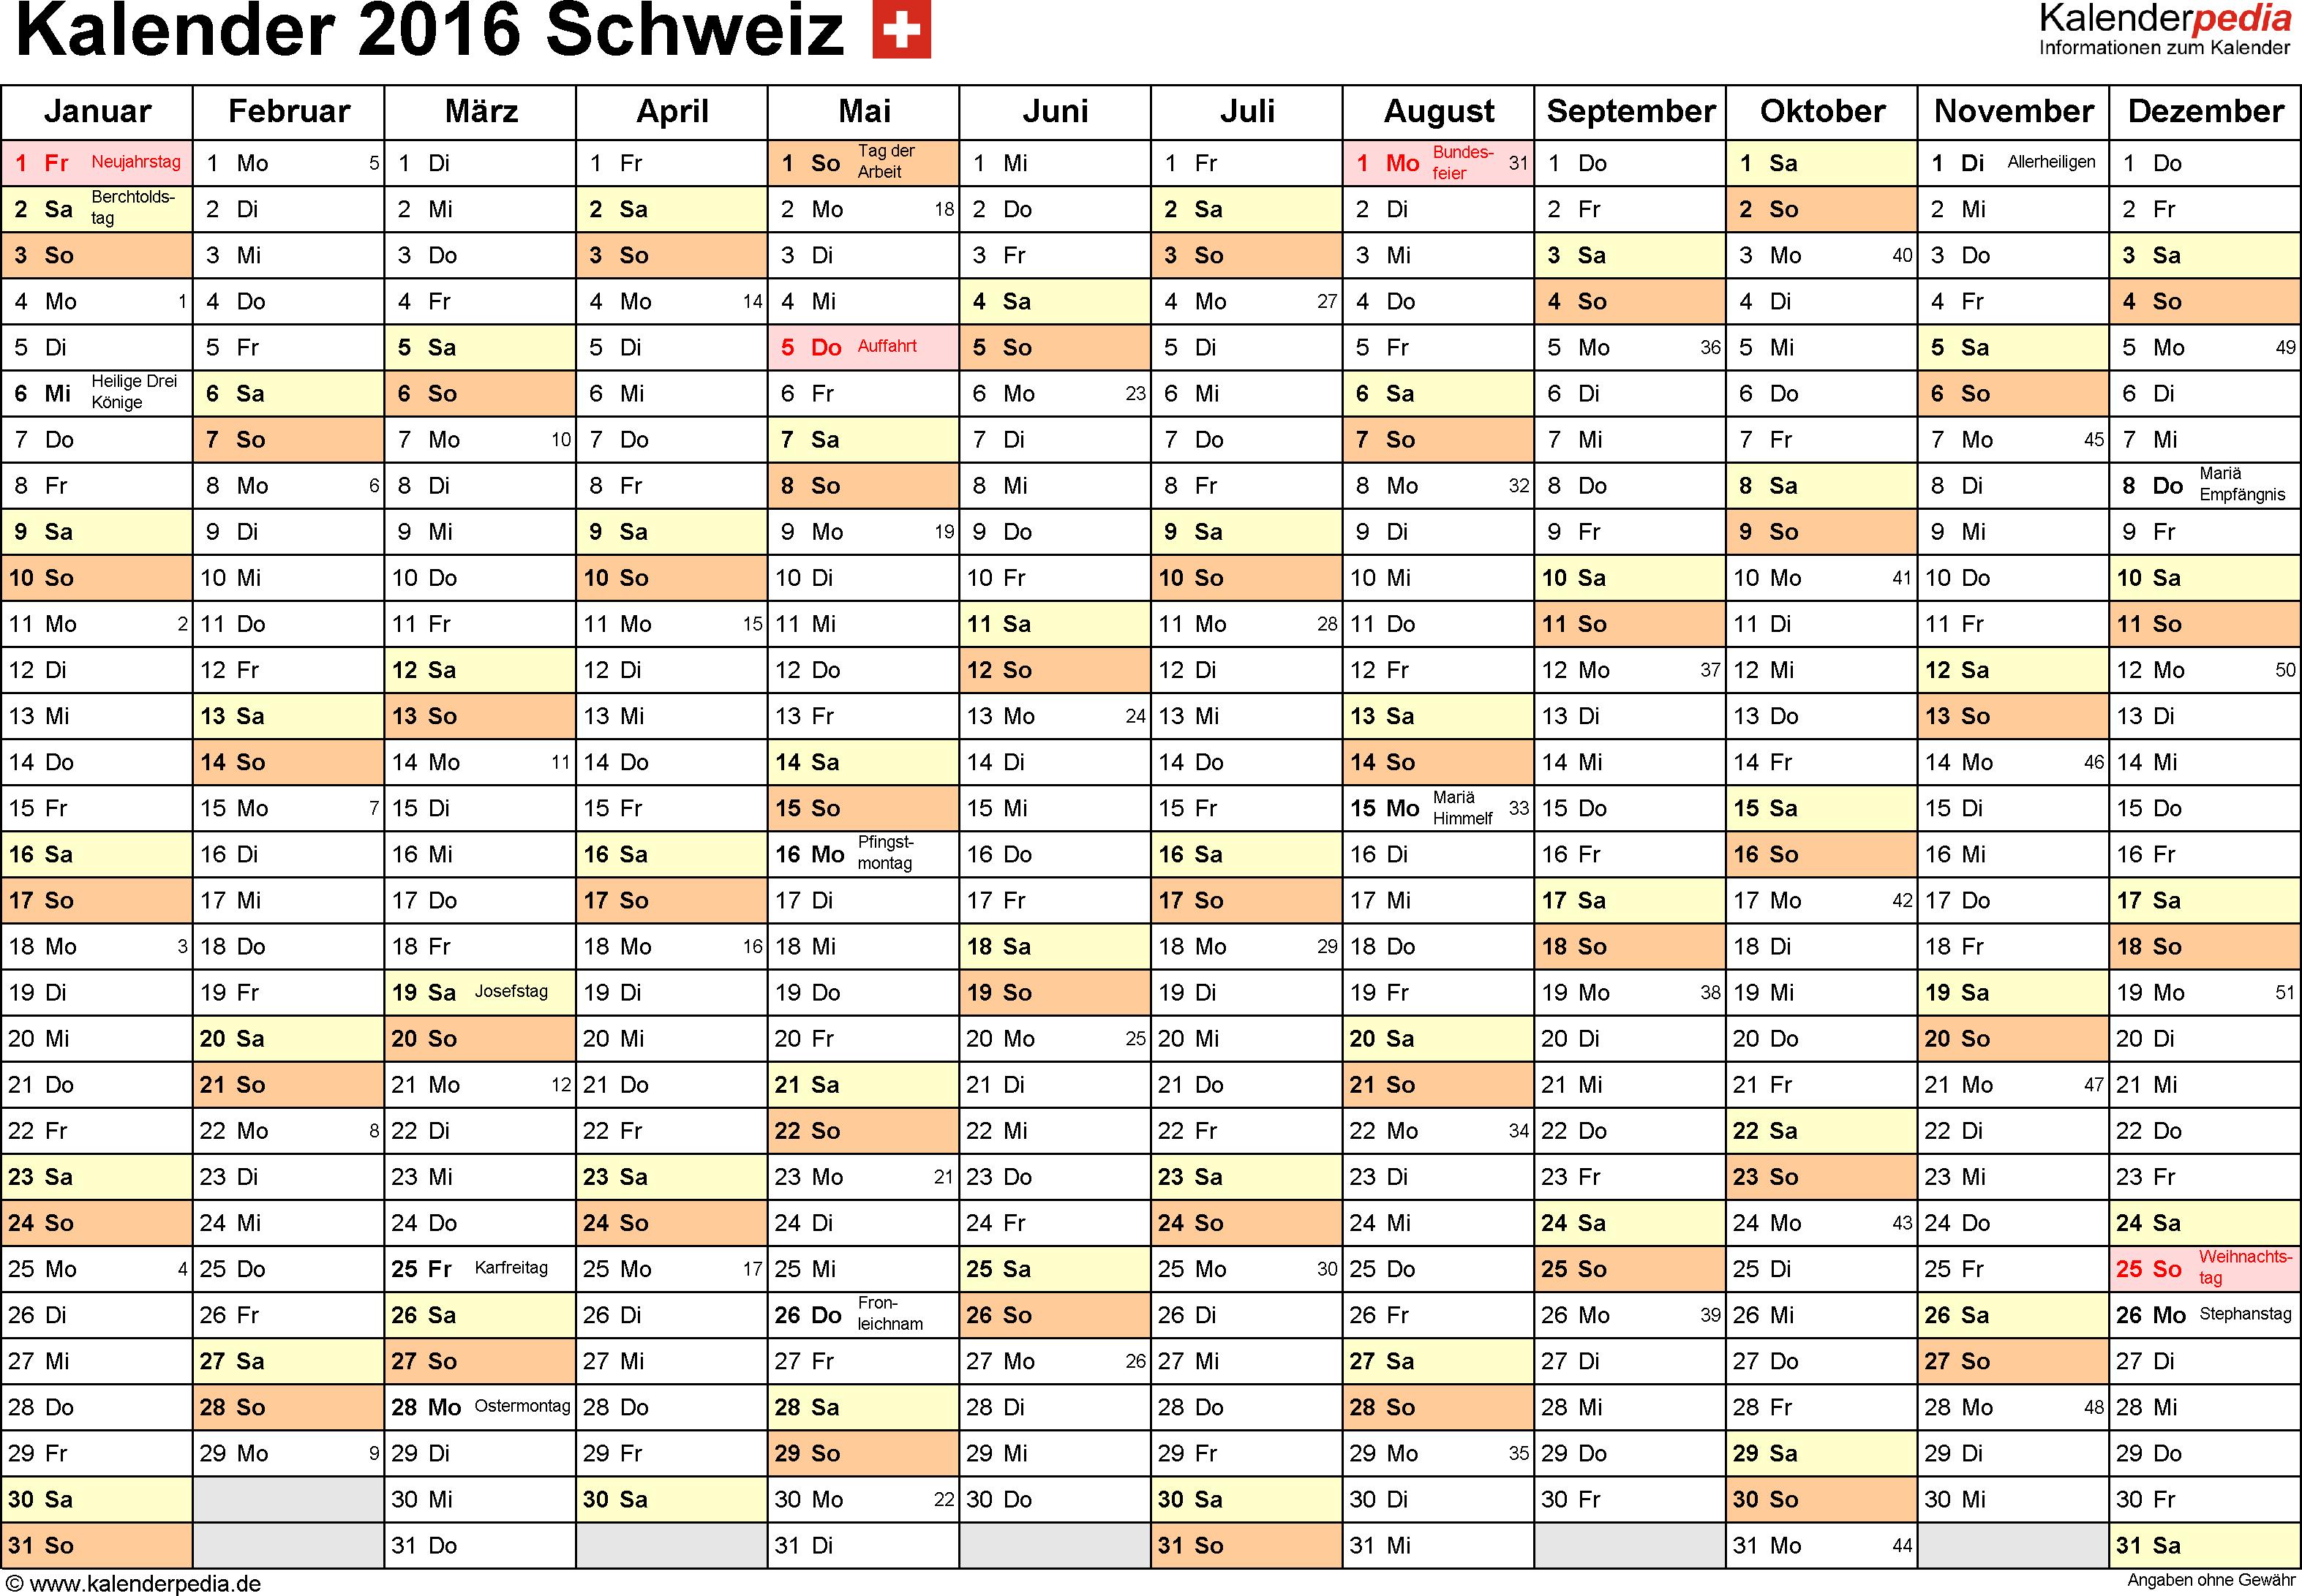 Vorlage 2: Kalender 2016 für